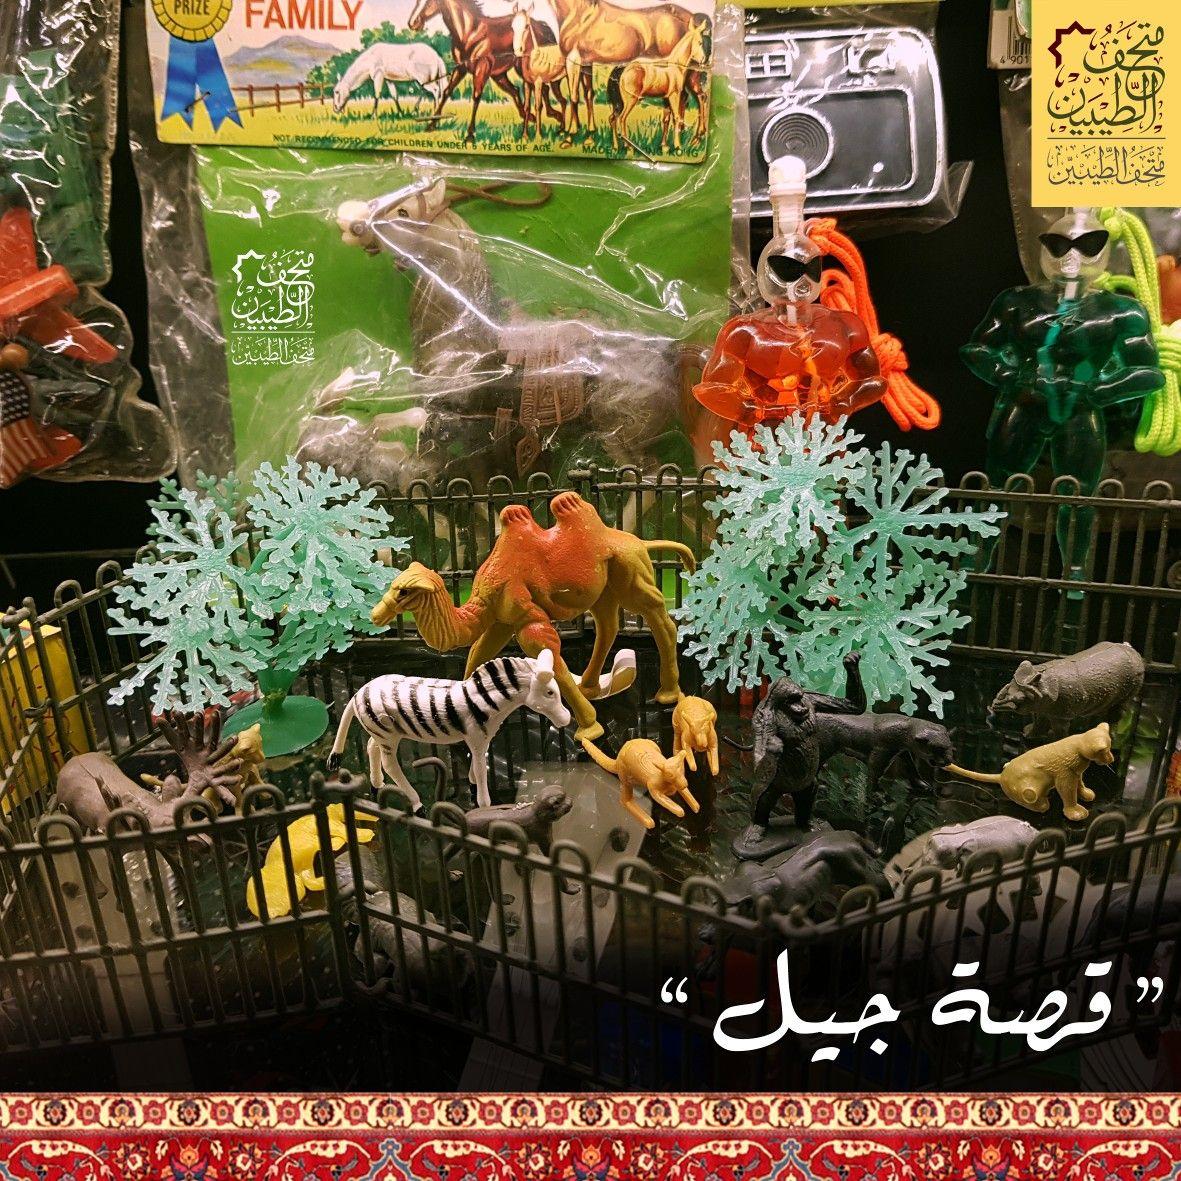 حديقة حيوانات الطيبين Comic Book Cover Book Cover Comic Books